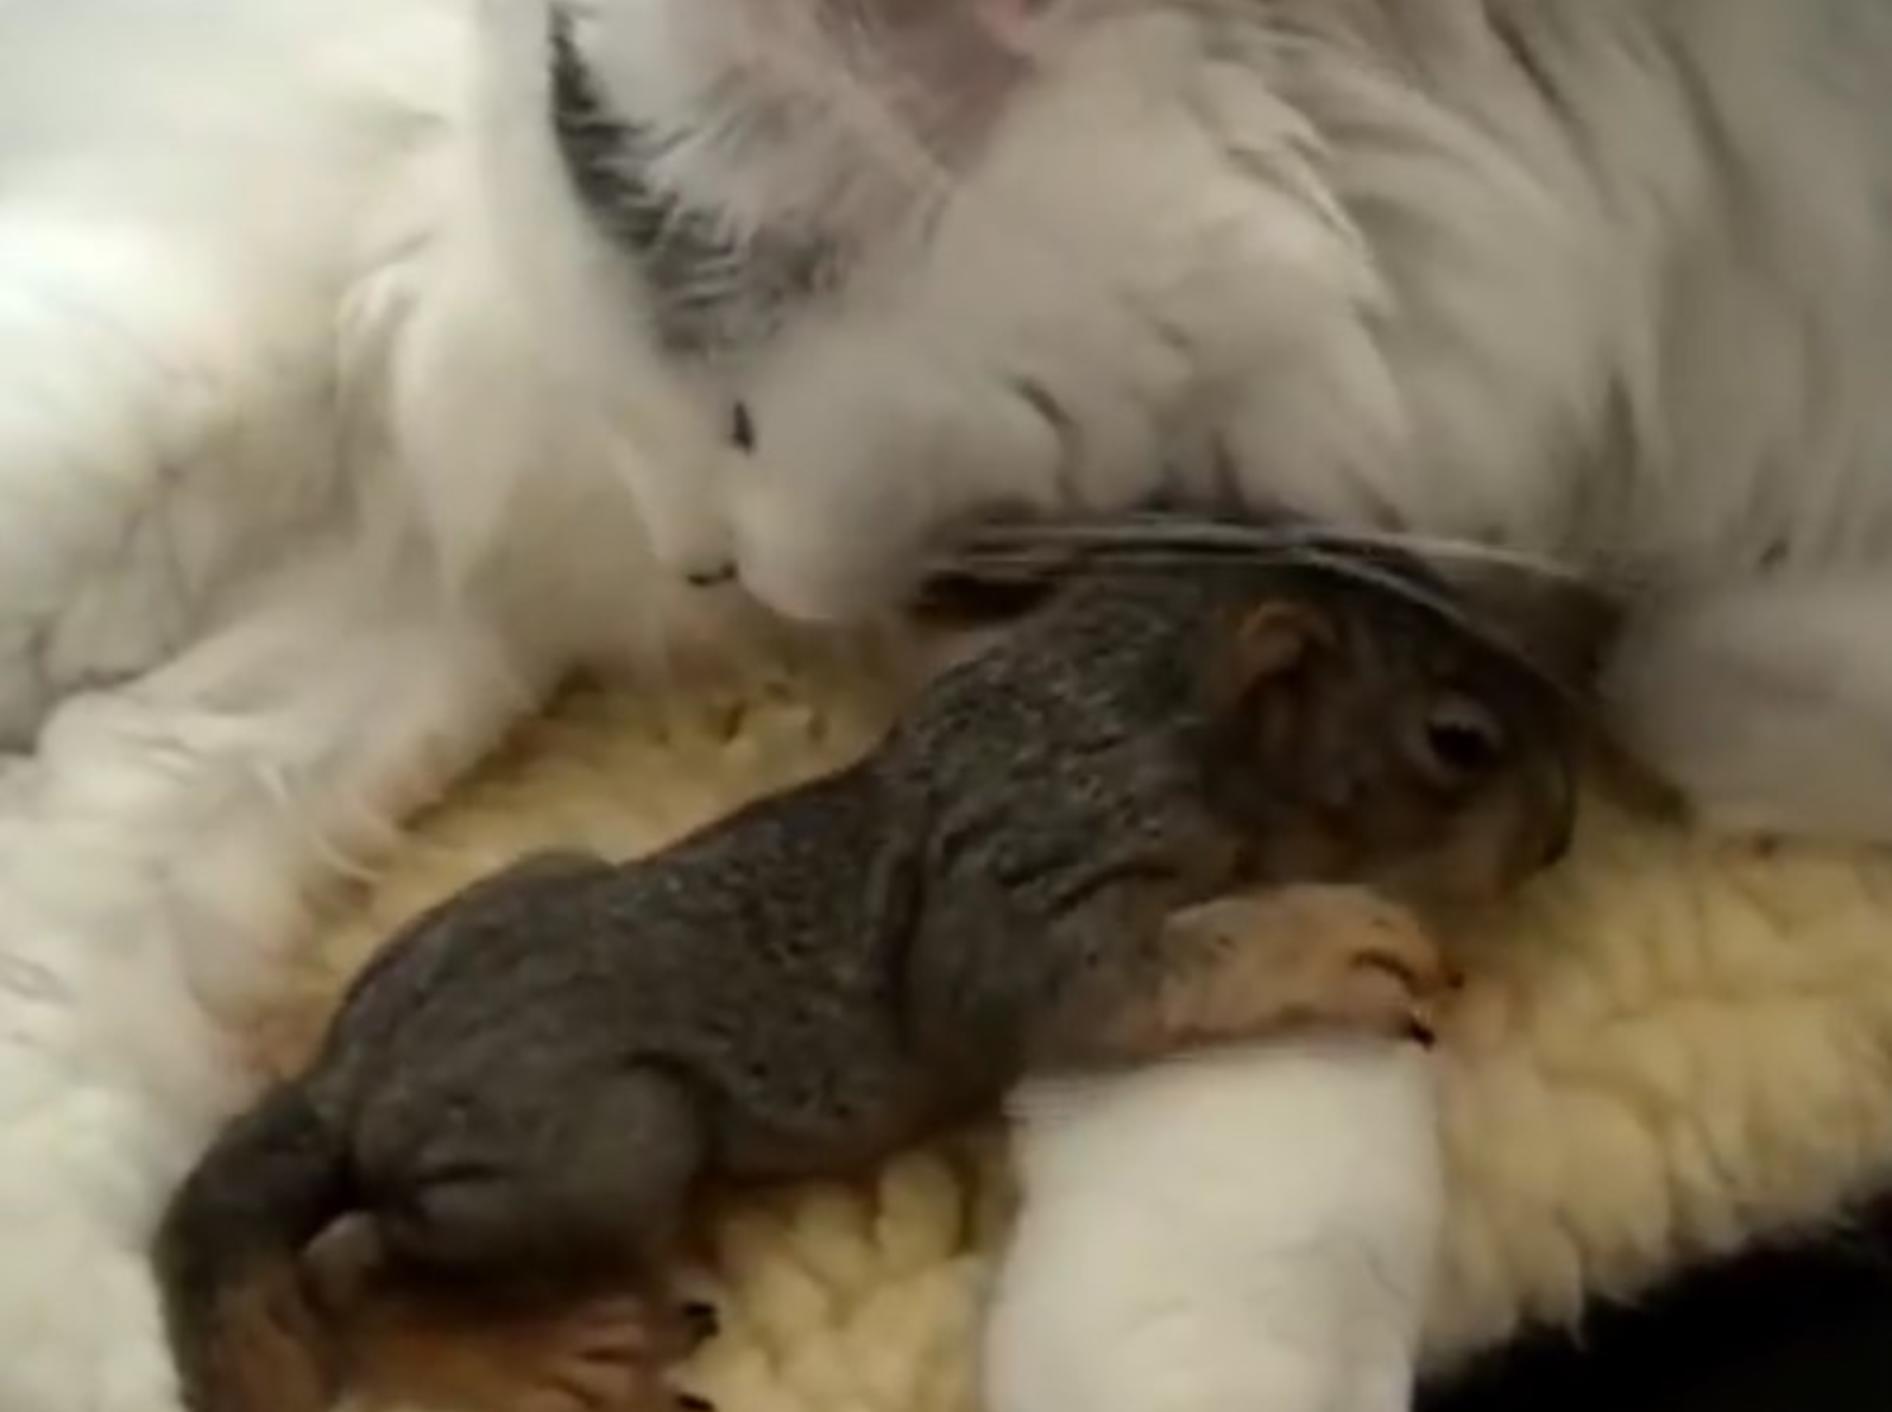 Die Katze hat das Eichhörnchen-Baby wirklich lieb – YouTube / Mary Cummins